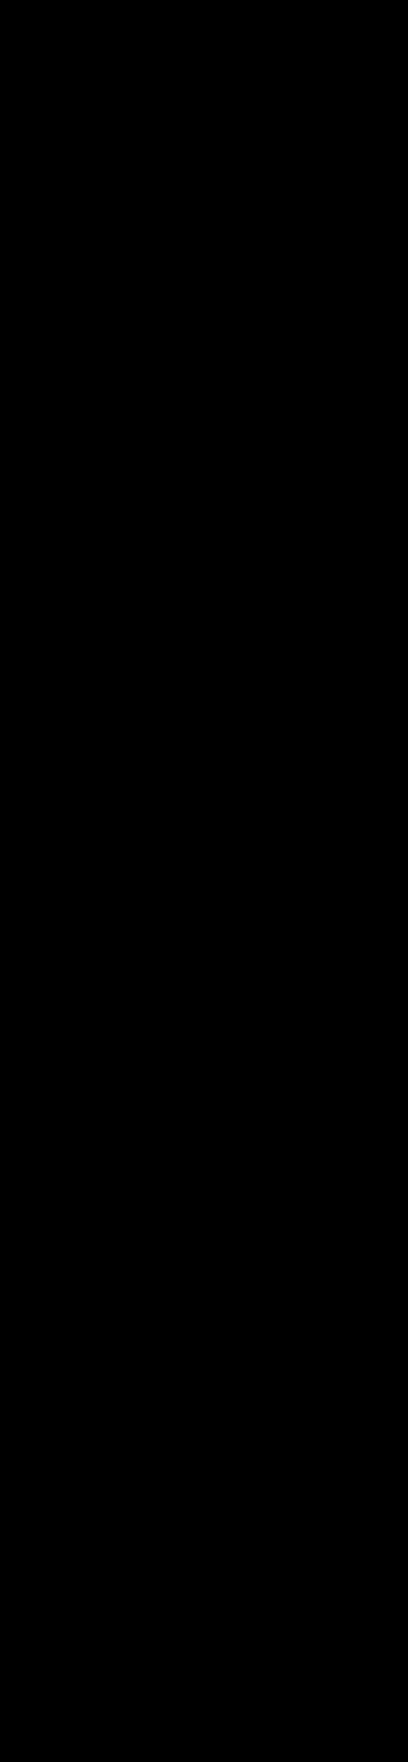 คอร์ดกีตาร์พื้นฐาน คอร์ดกีต้าร์มือใหม่ เพลง มาร์ช D.J